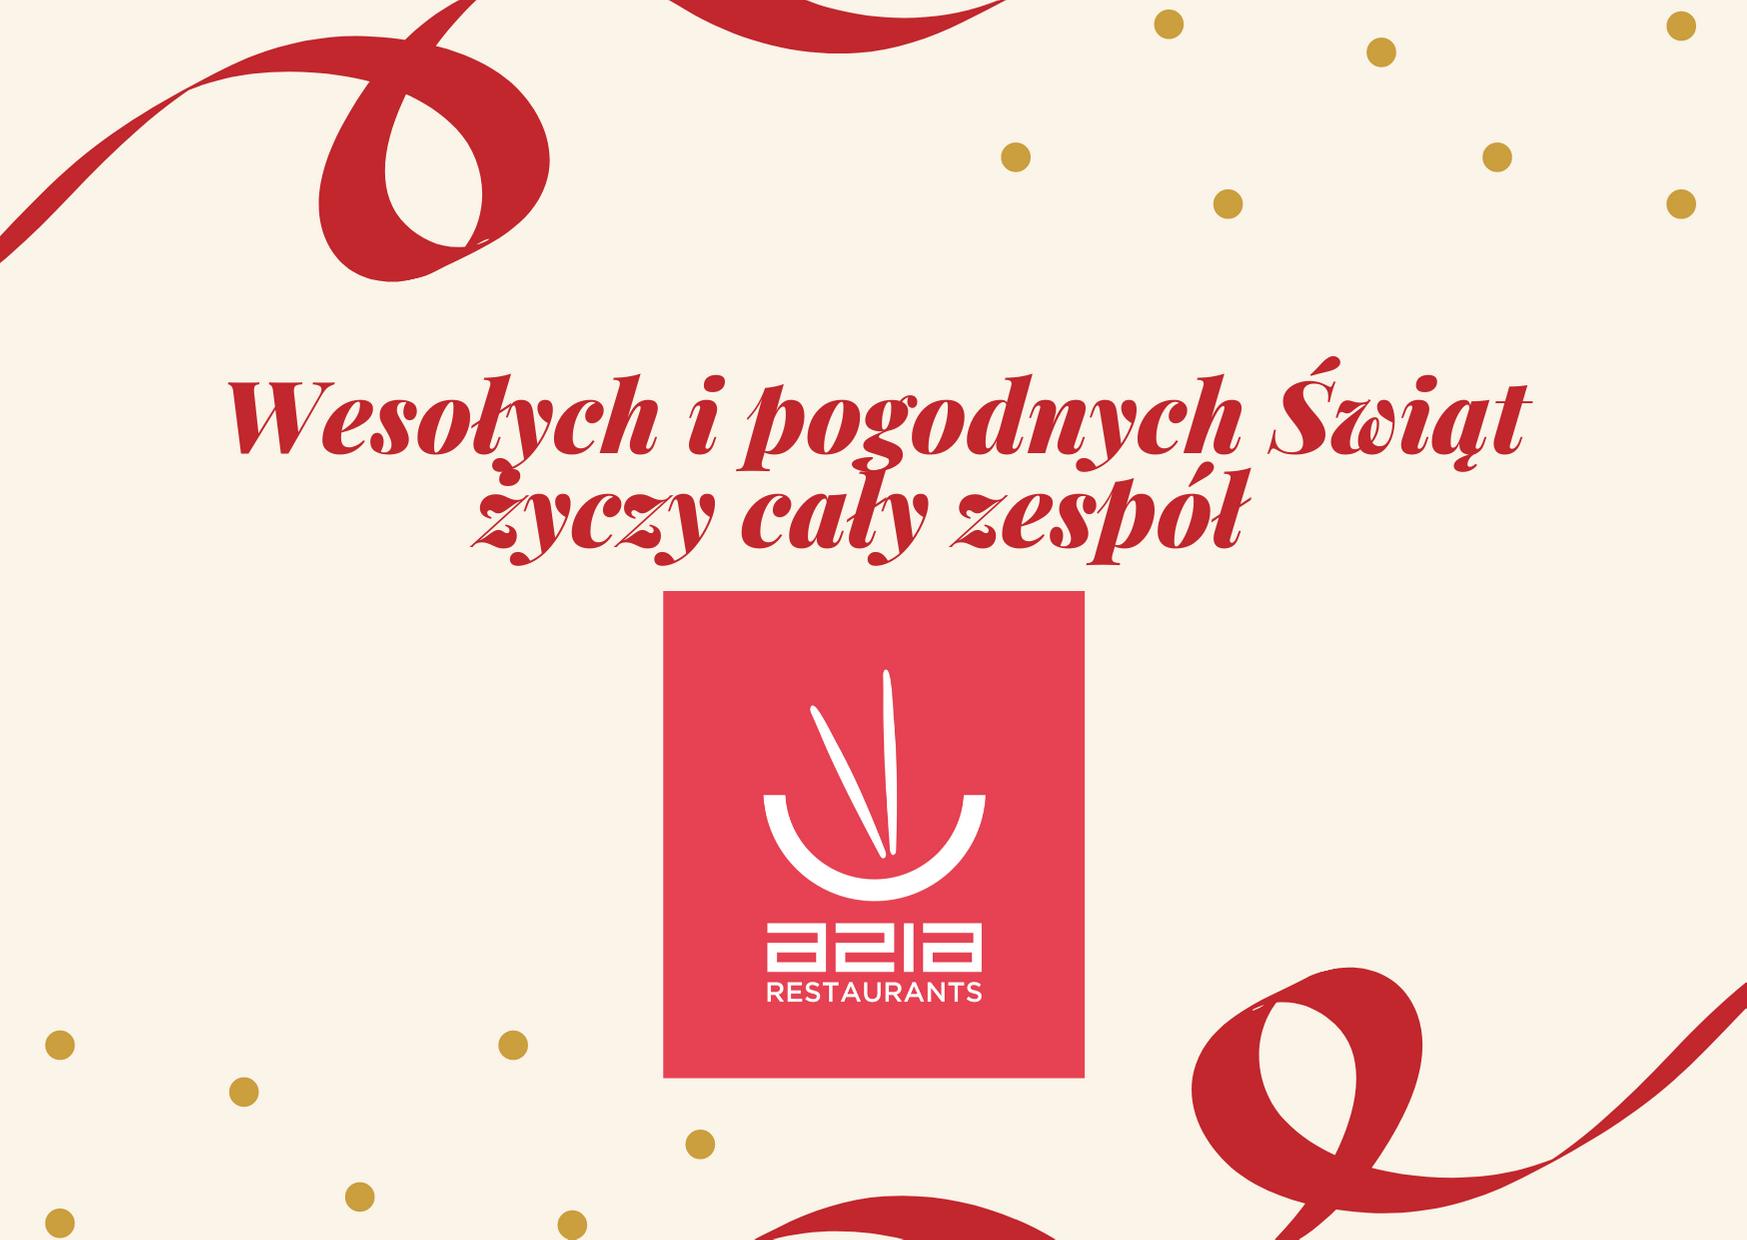 Wesołych Świąt życzy zespół Azia Restaurants!